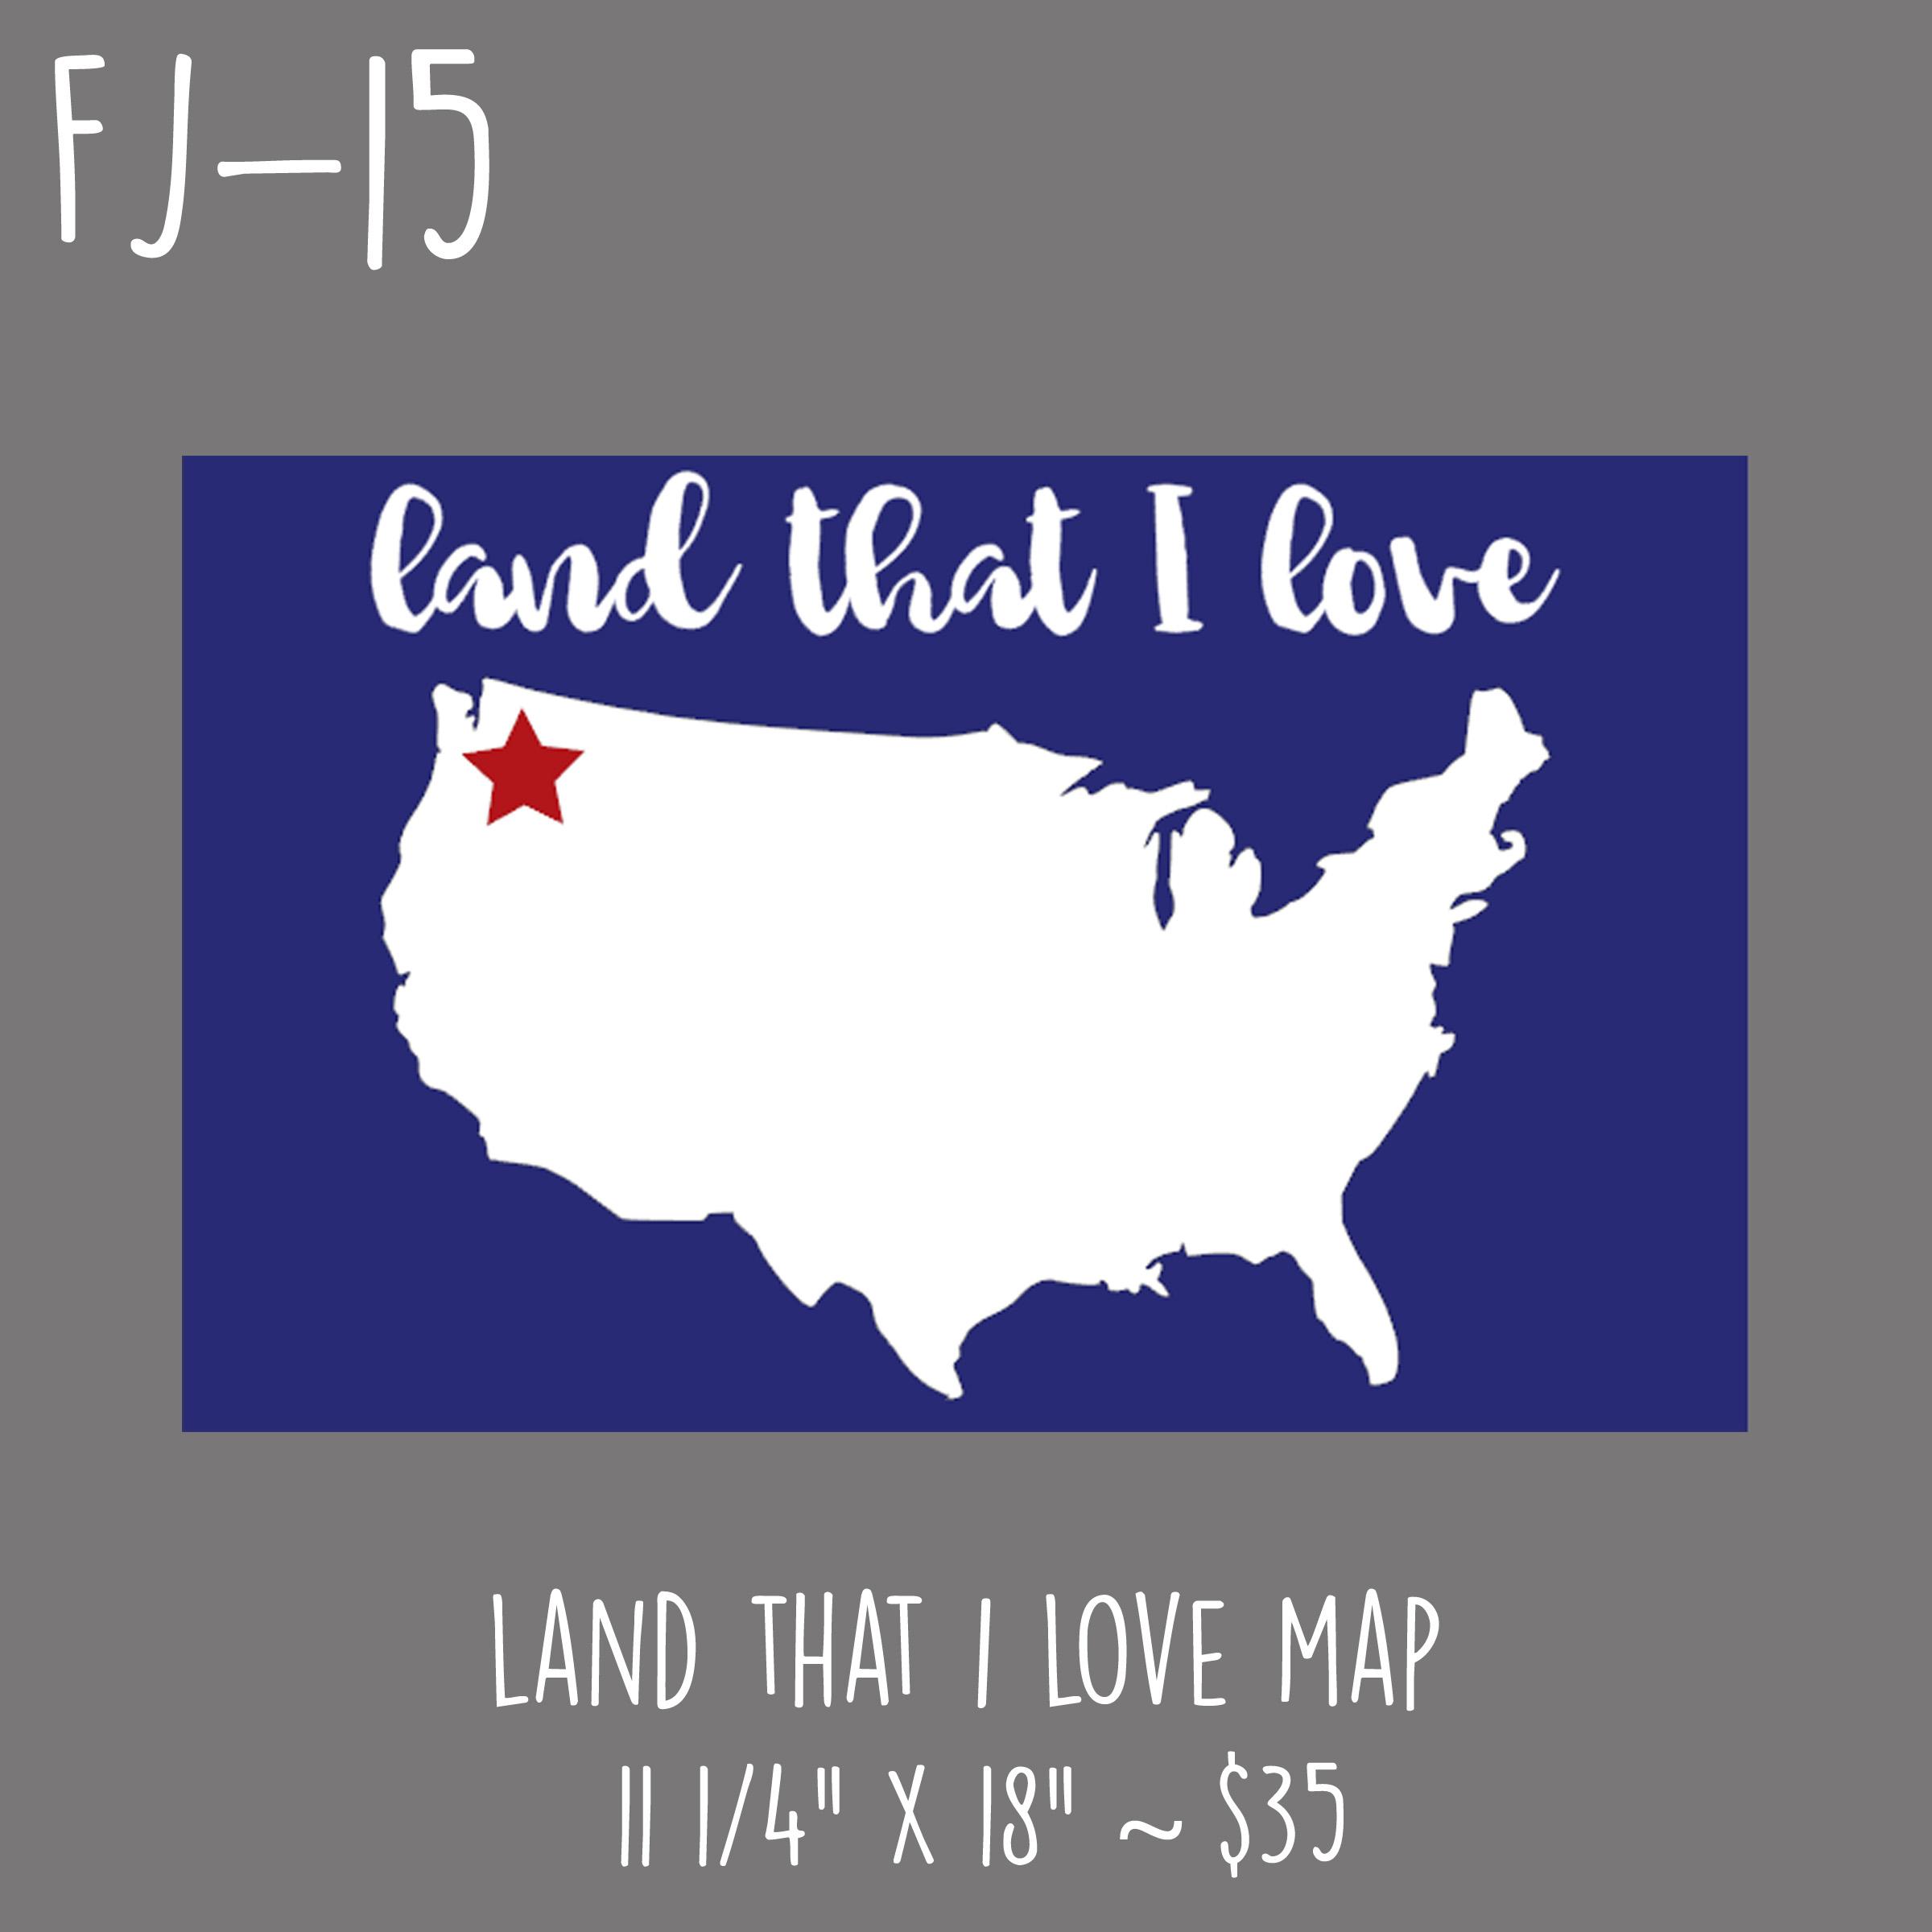 FJ15 - Land That I Love.jpg